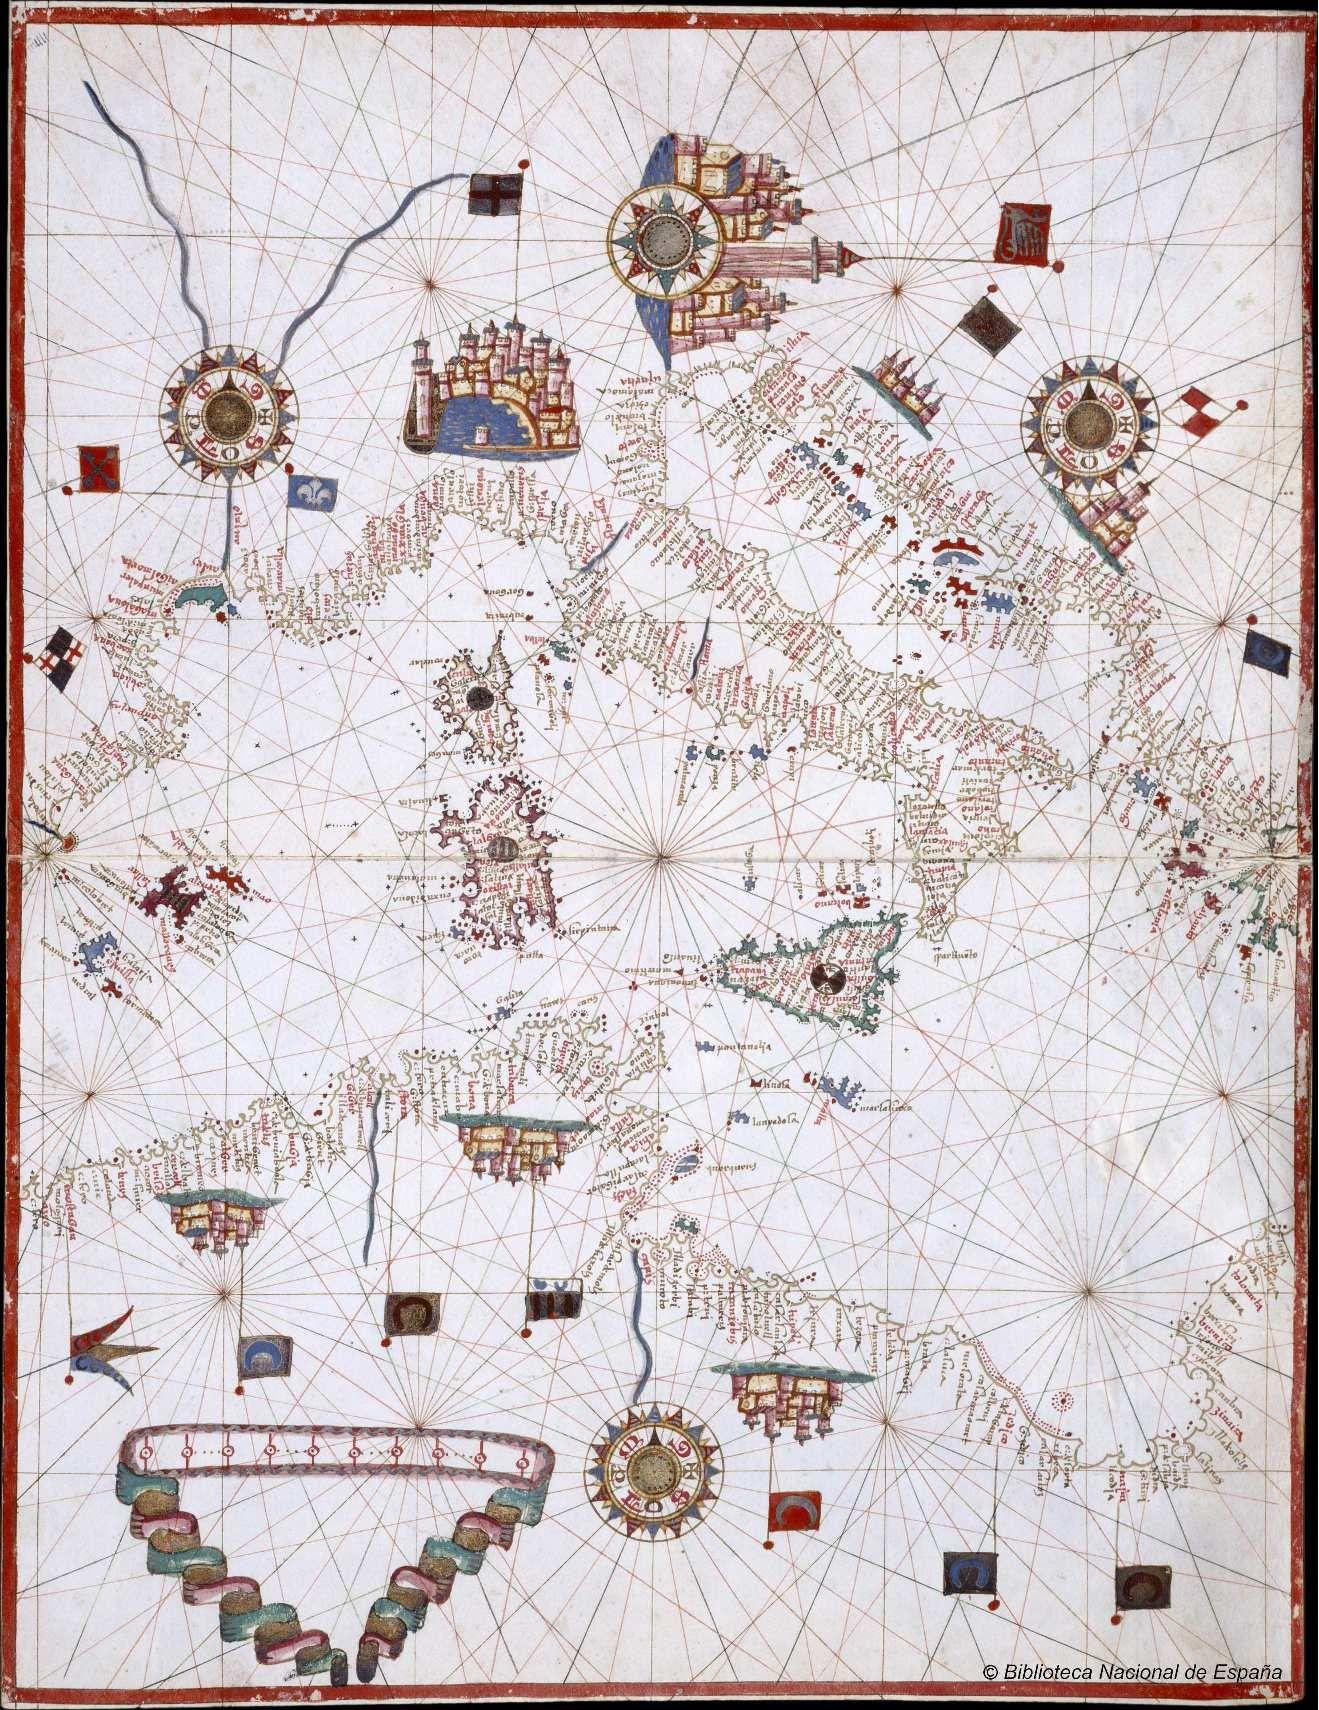 Carta Portulana Del Mar Mediterraneo Cartografico Mapas Antiguos Mapas